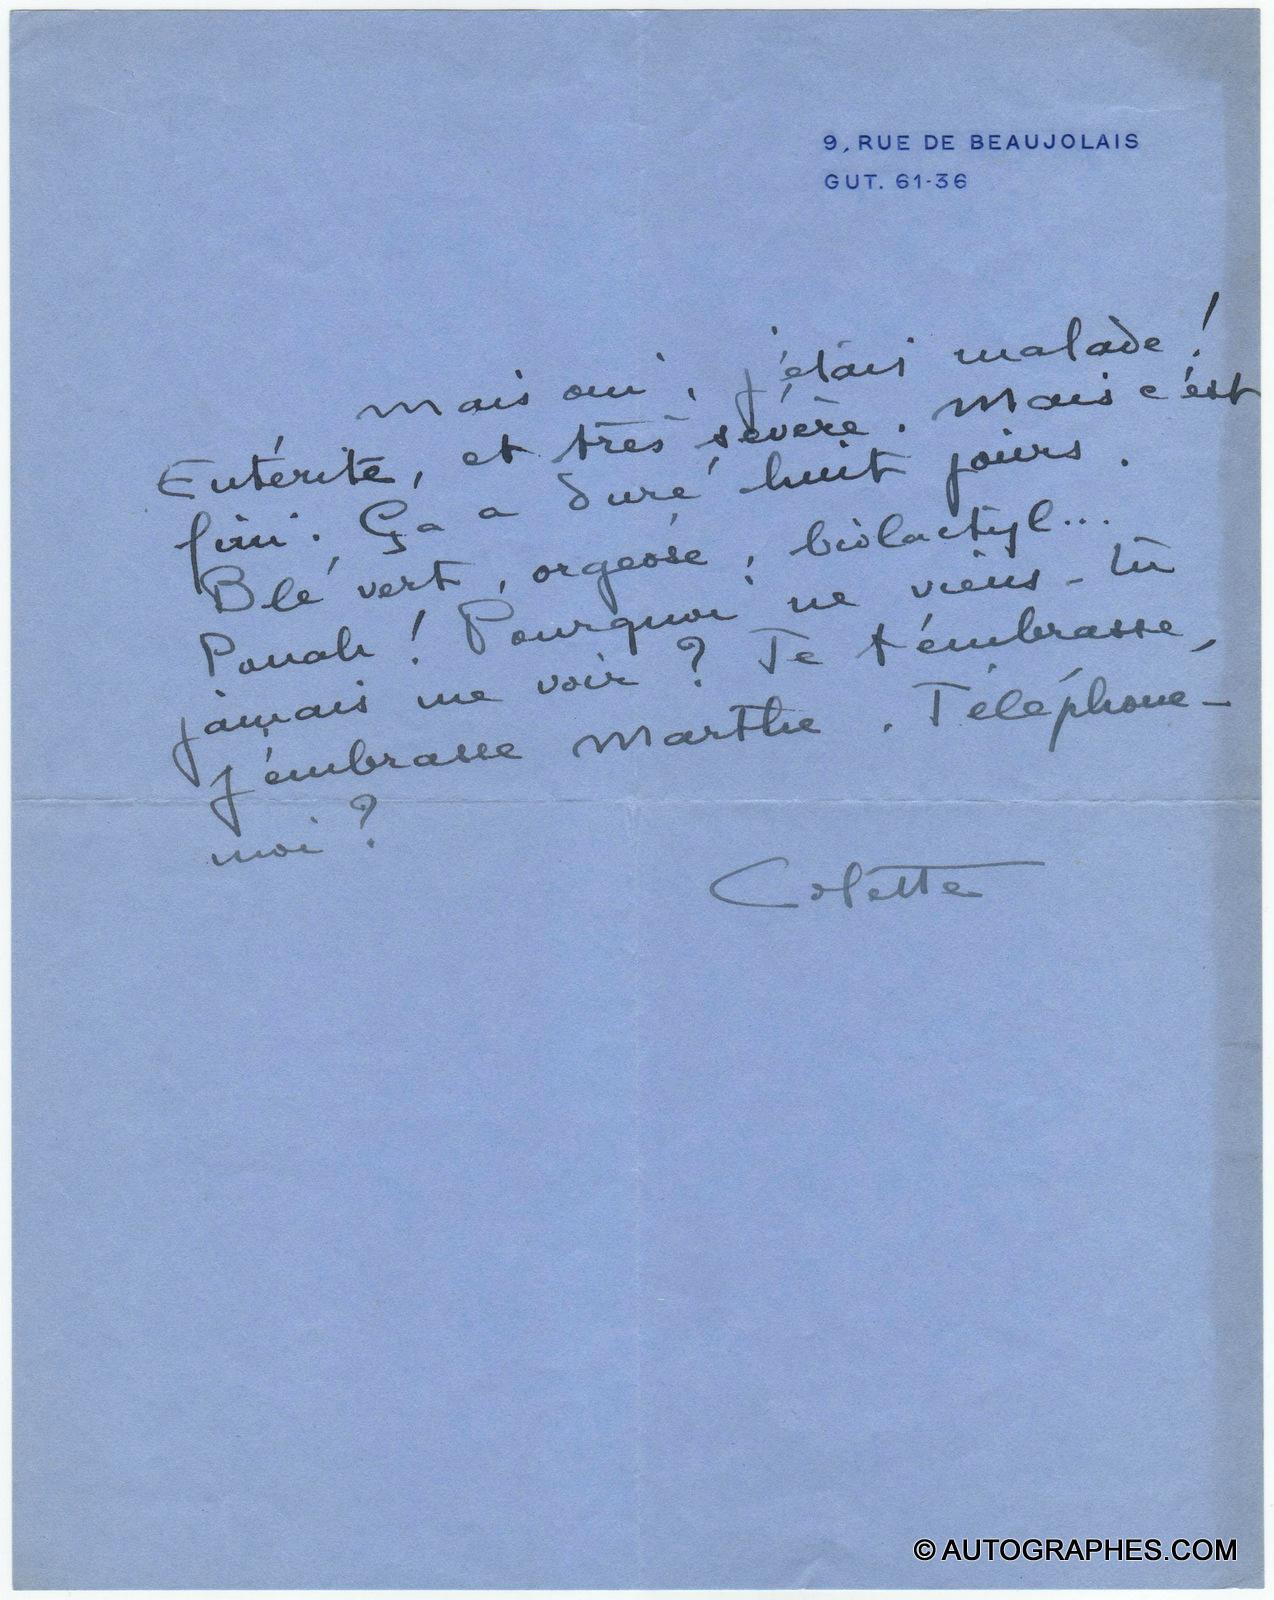 Sidonie-Gabrielle COLETTE - Lettre autographe signée